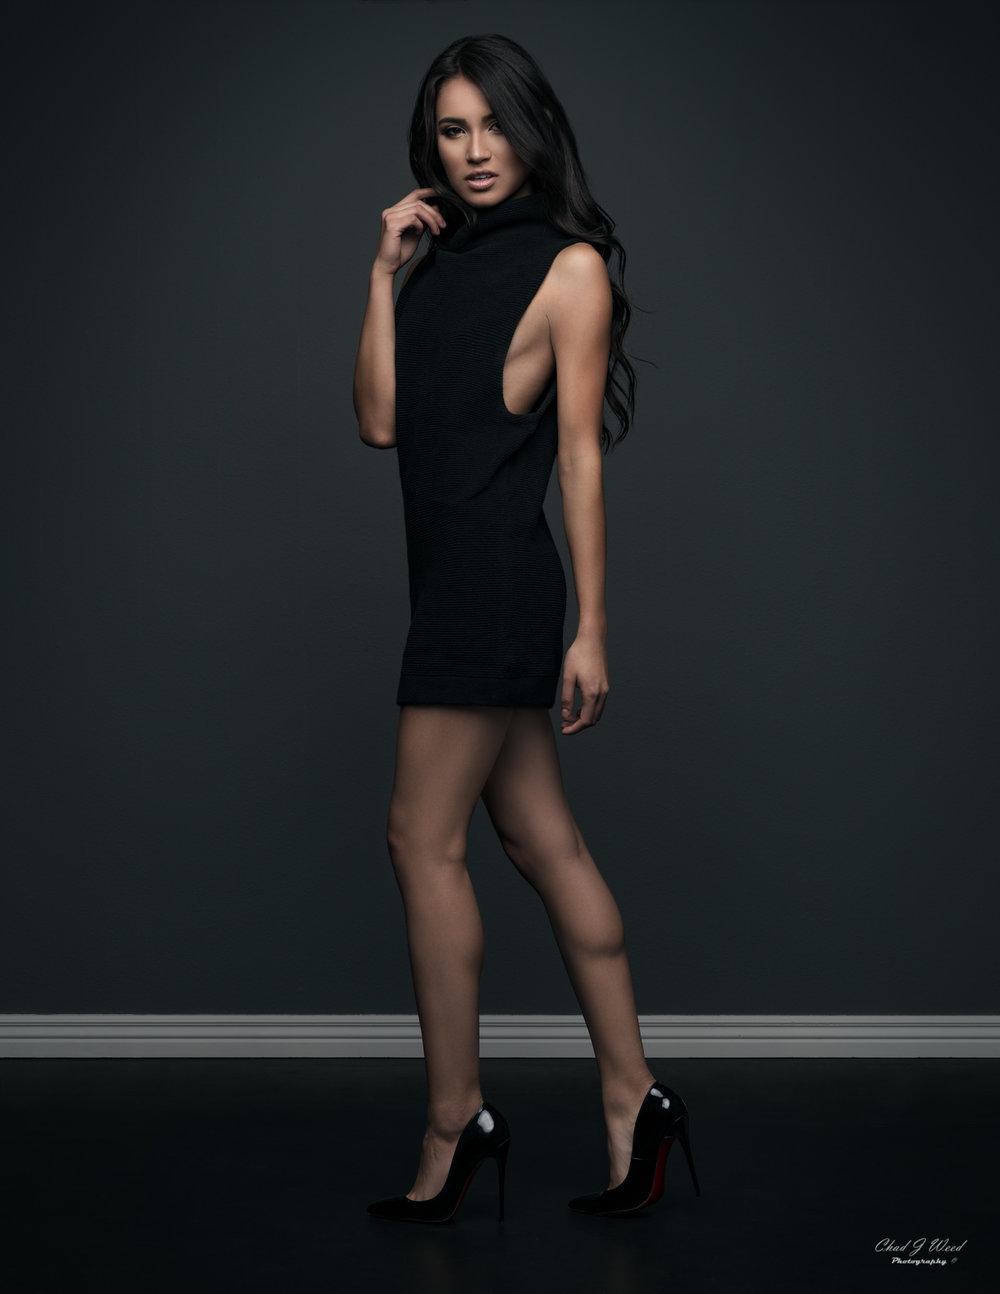 Zari Fashion Leg Model by Mesa Arizona Portrait Photographer Chad Weed